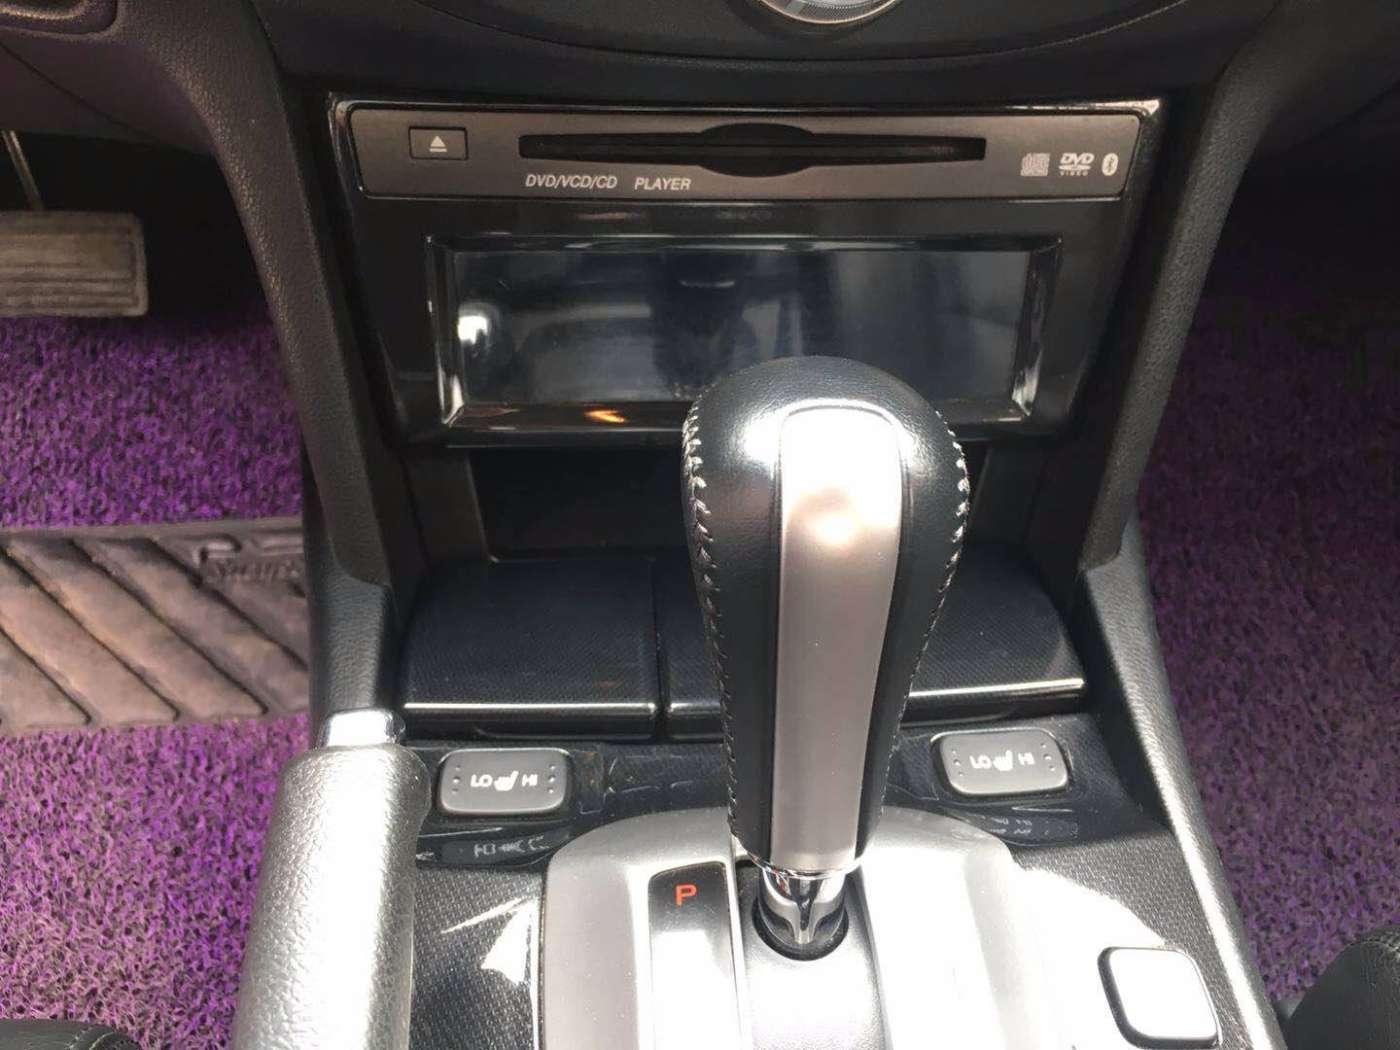 2013年07月 本田 雅阁 2012款 2.4L SE|甄选易手车-北京卡斯基汽车服务有限公司